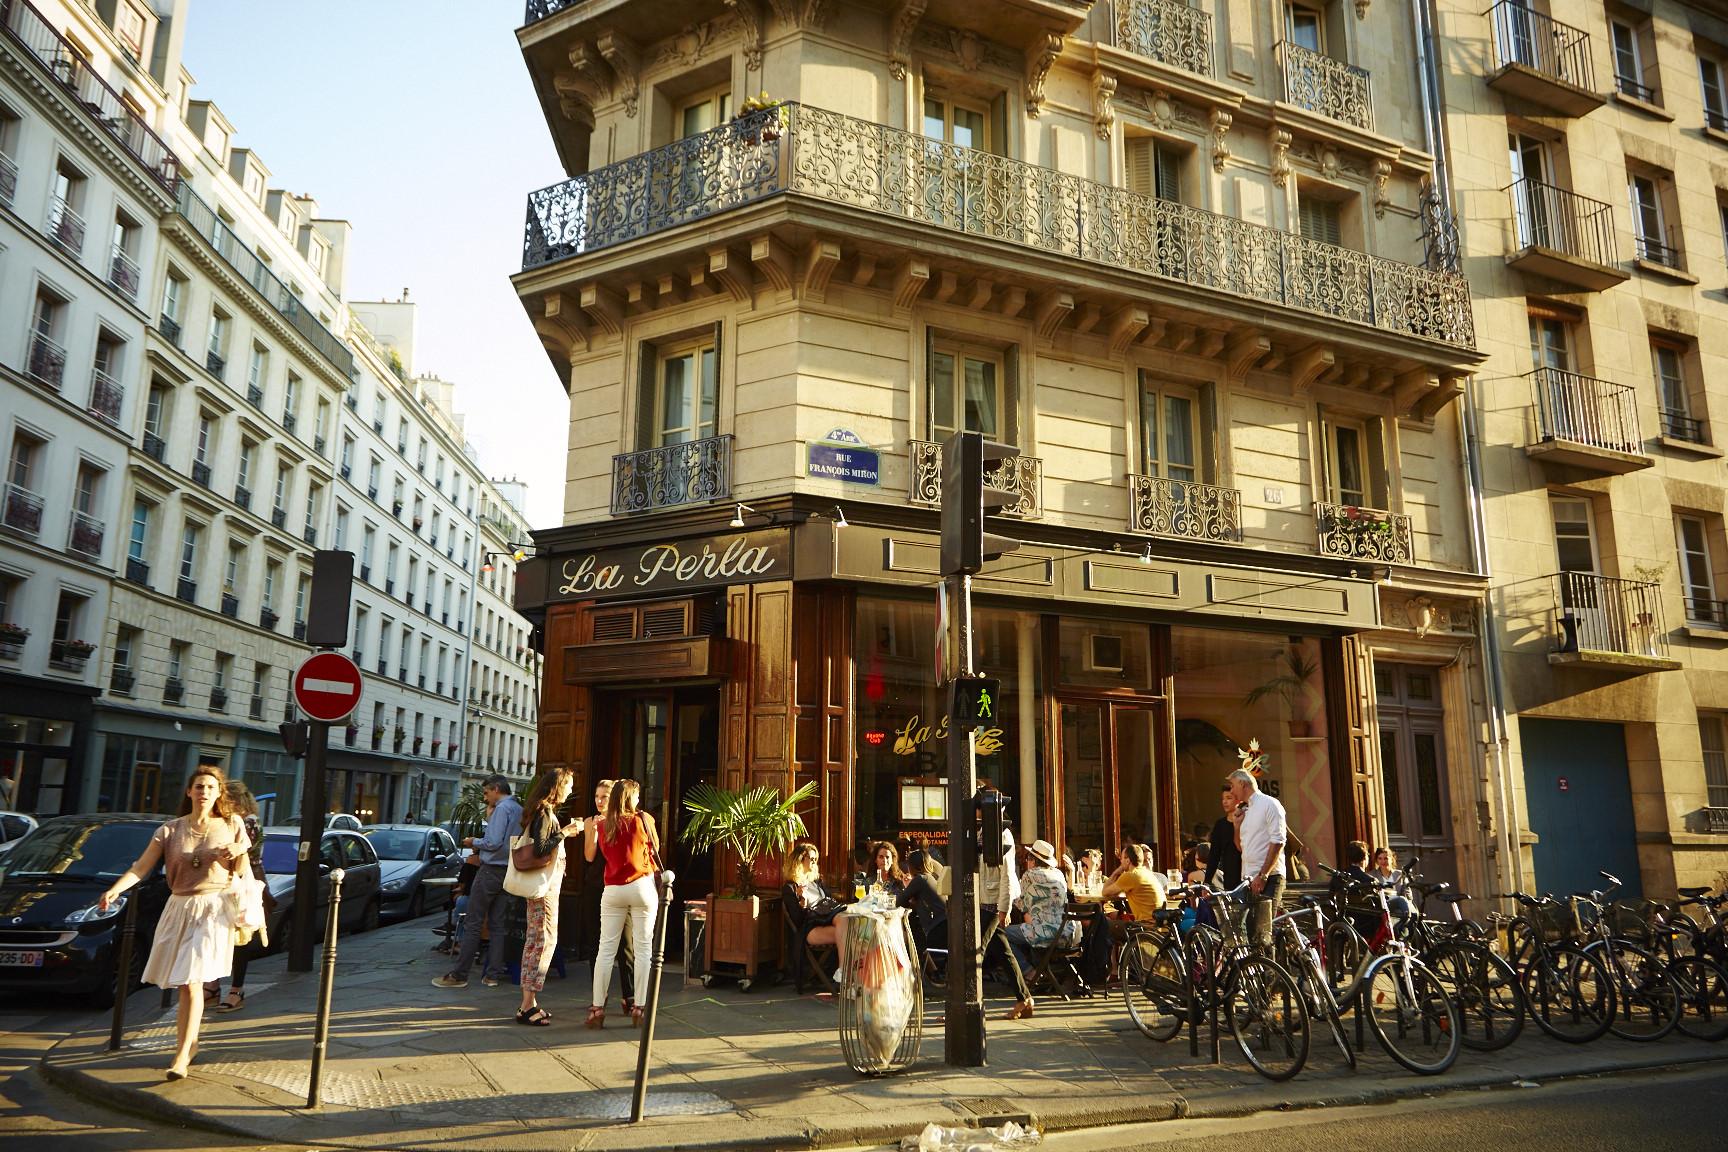 La perla paris english terrace for English terrace